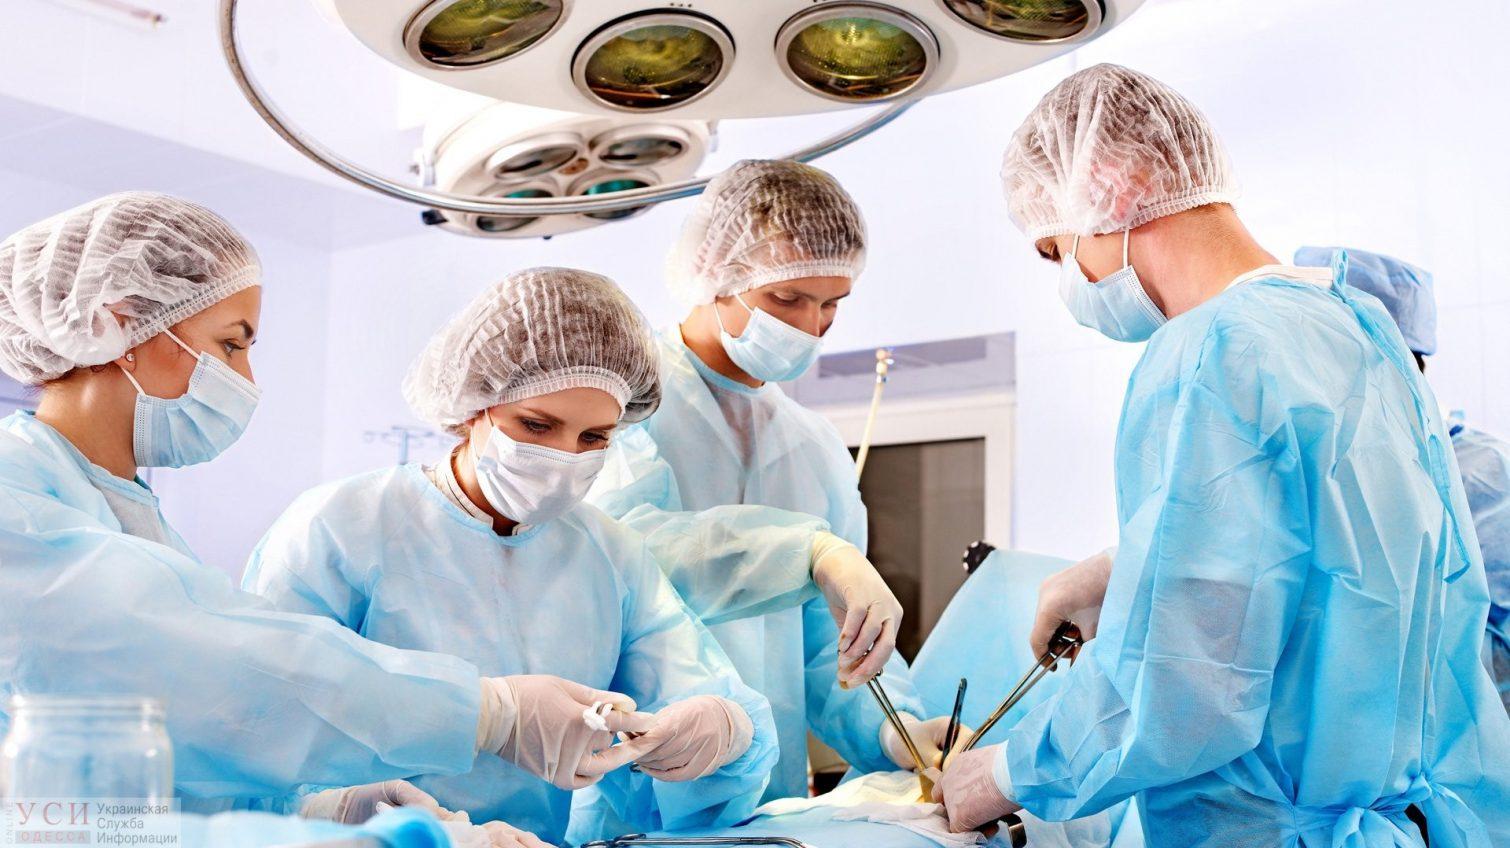 В Одесской области на операционном столе умер ребенок — ведется следствие «фото»